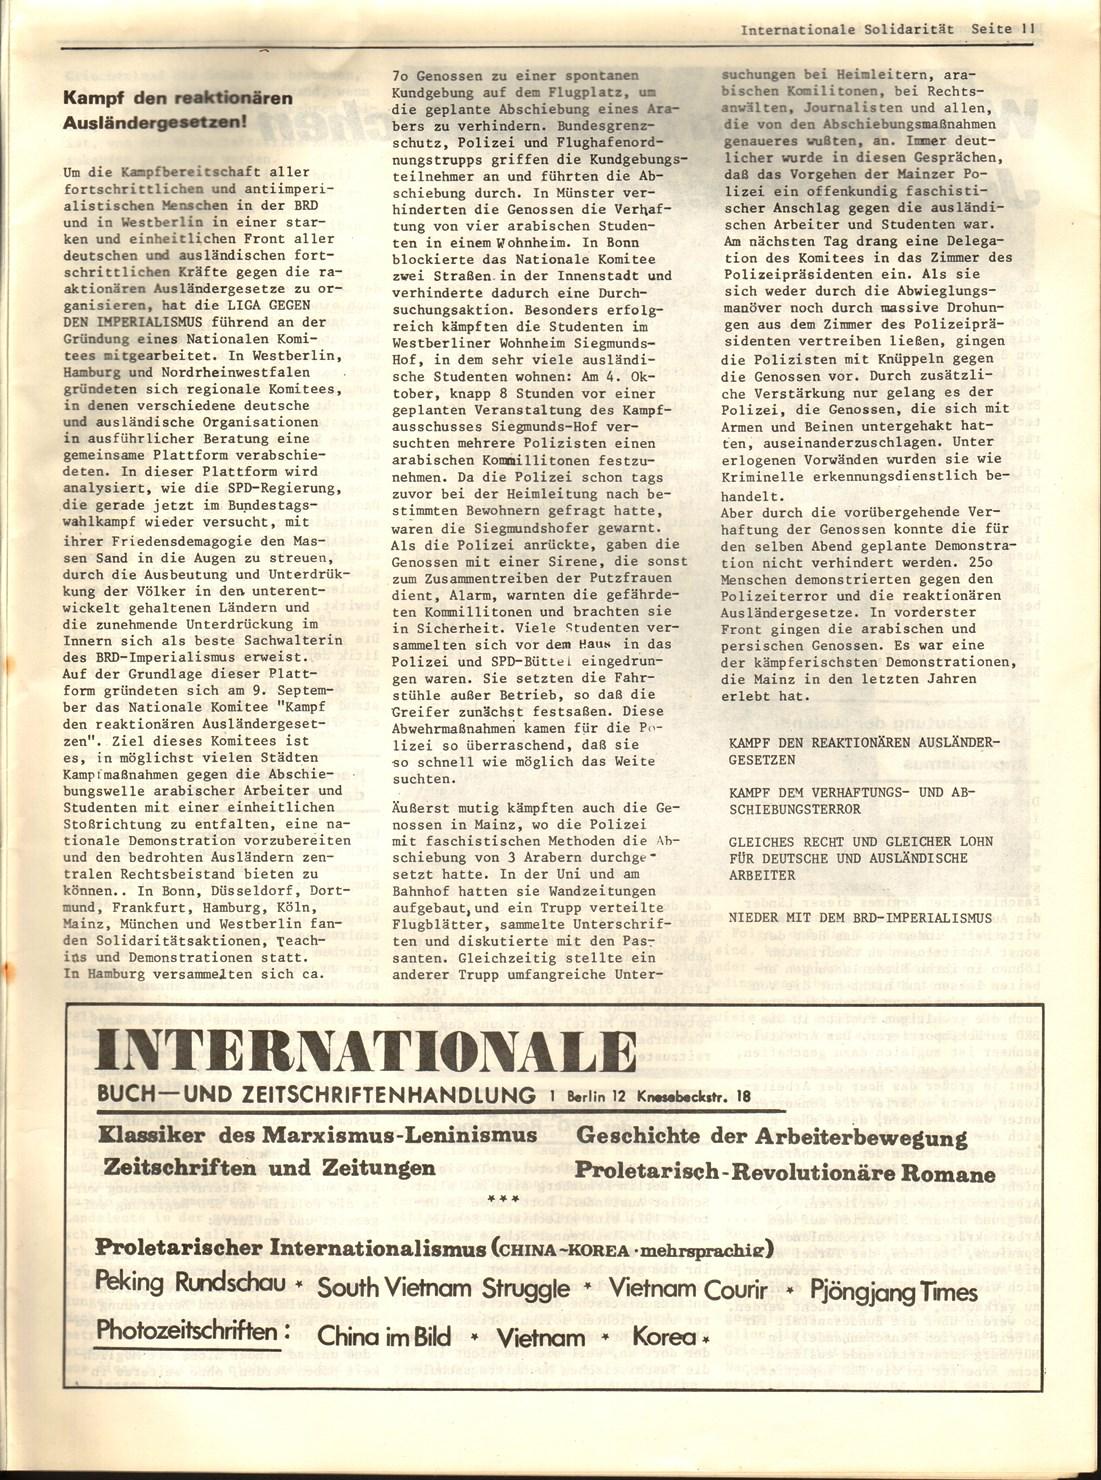 Liga_IS_1972_07_11